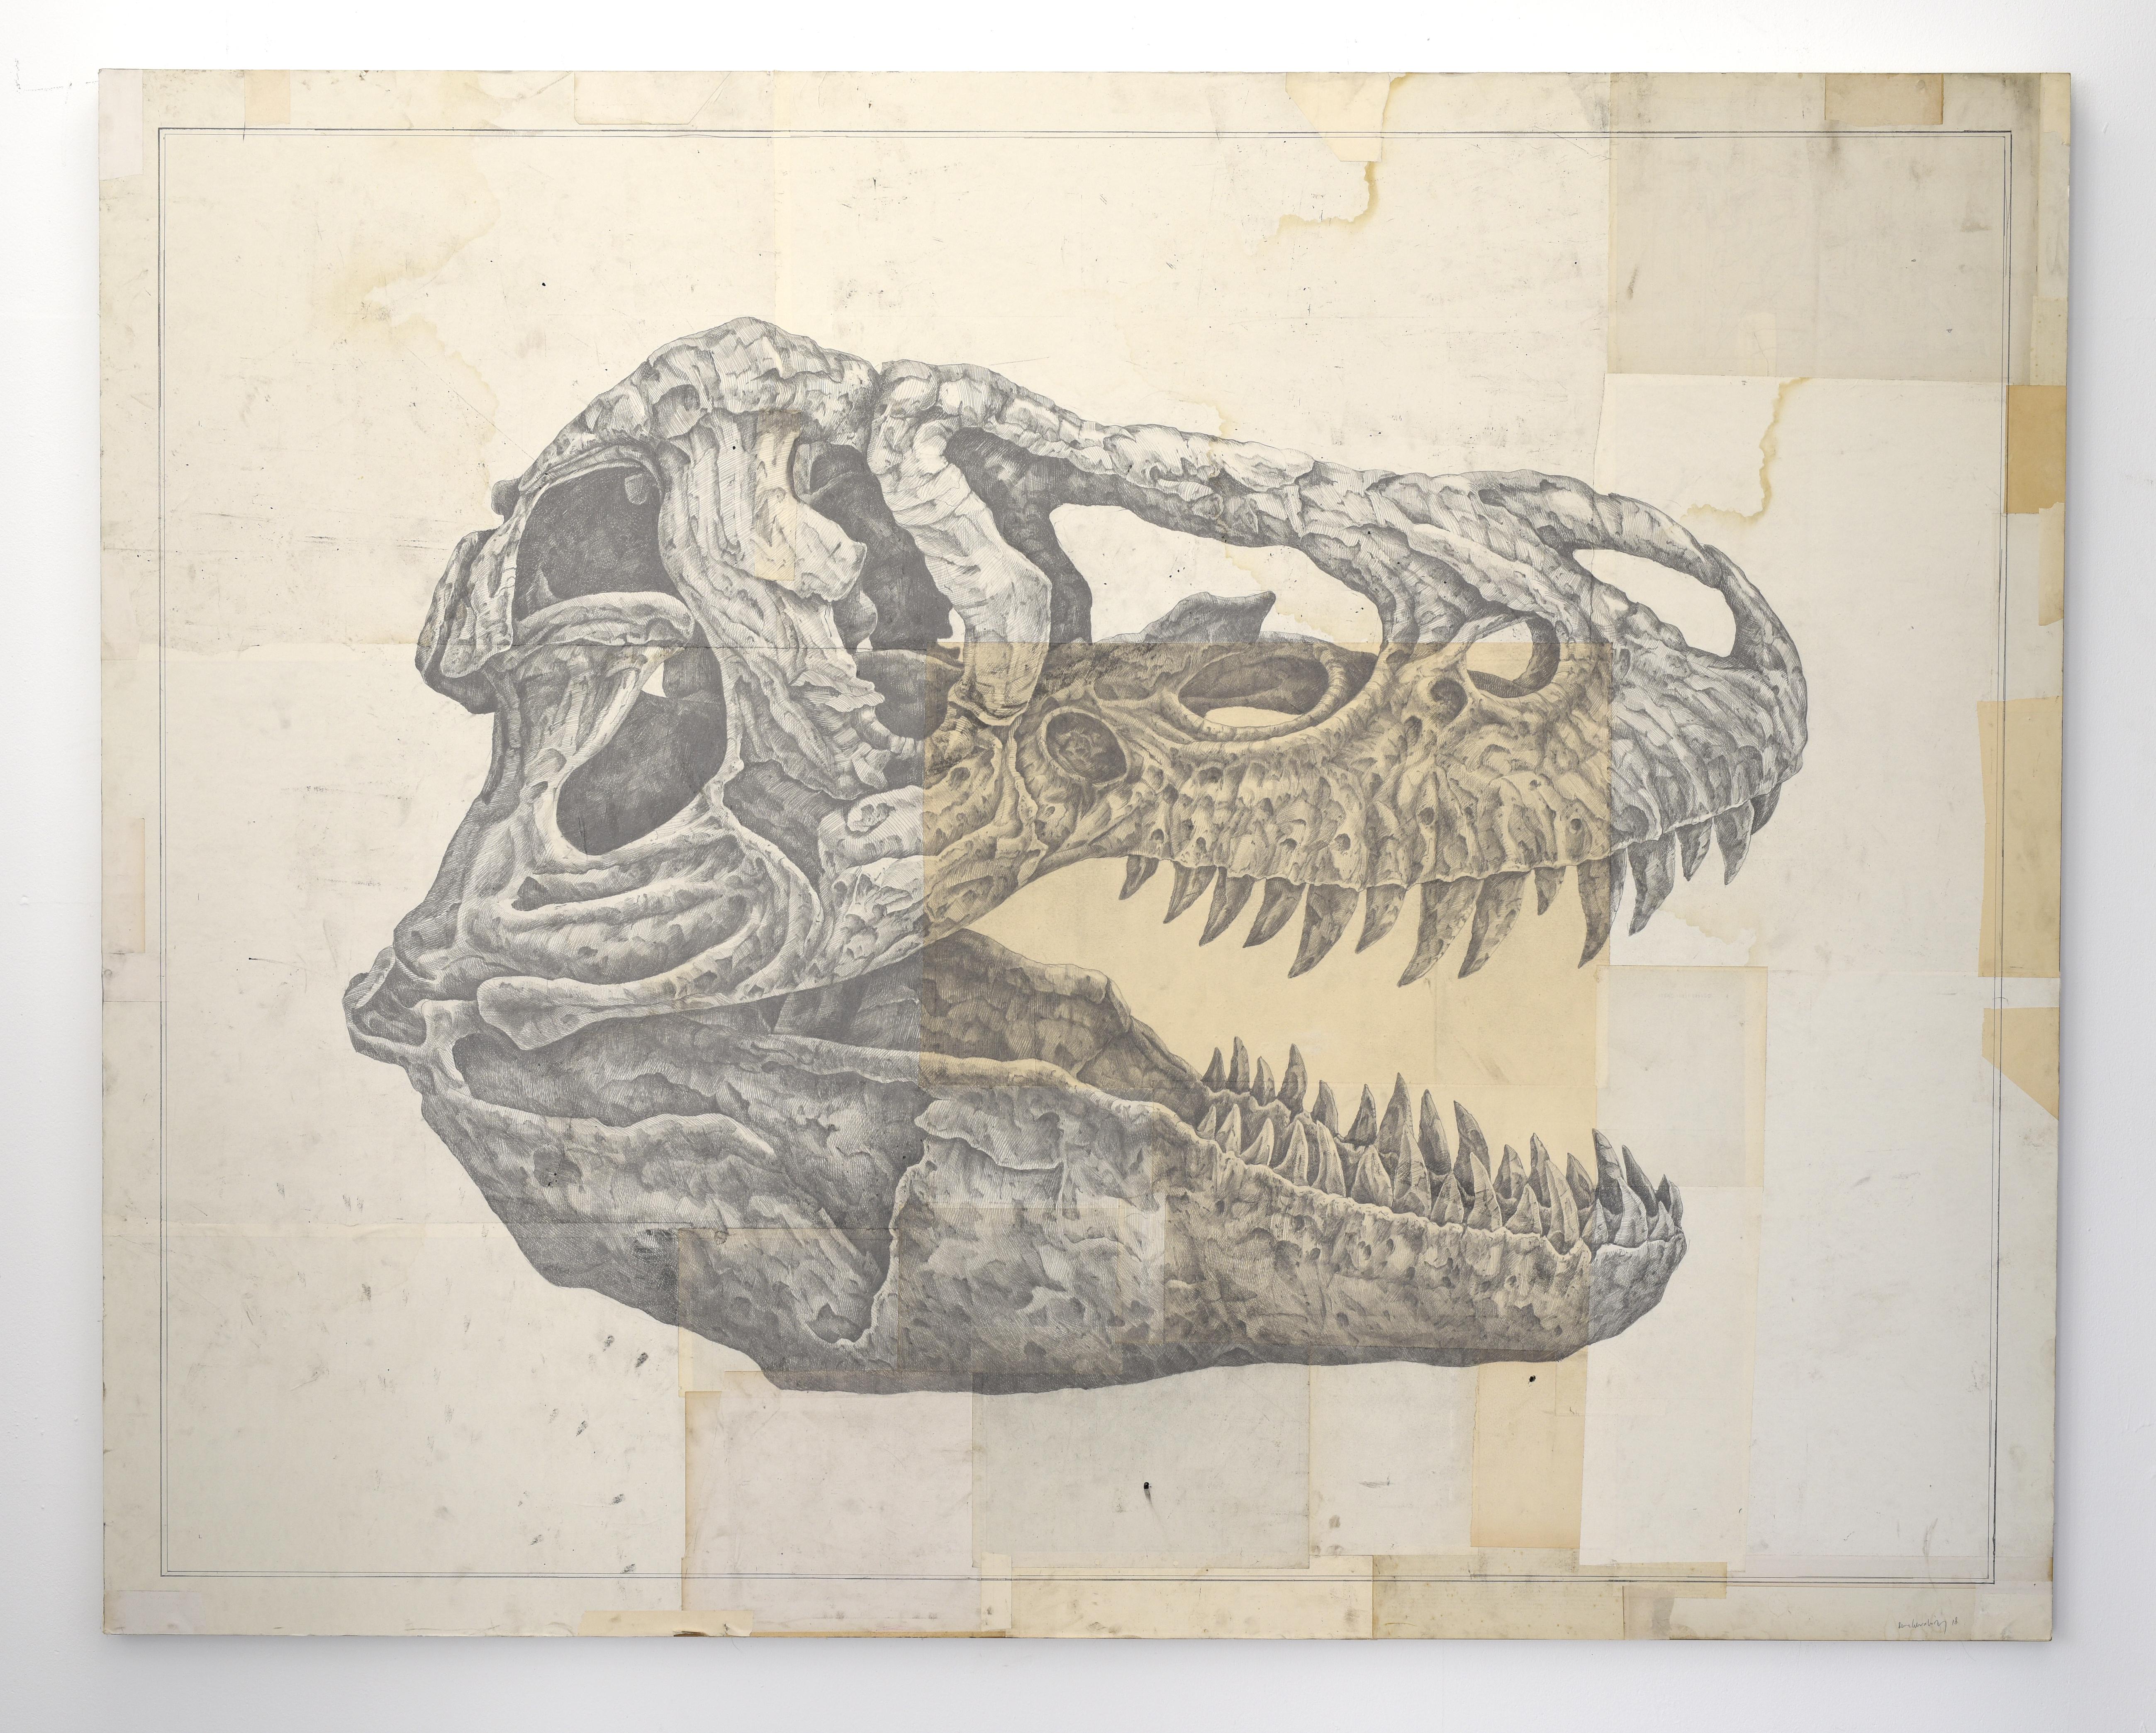 ohne Titel (T-Rex)